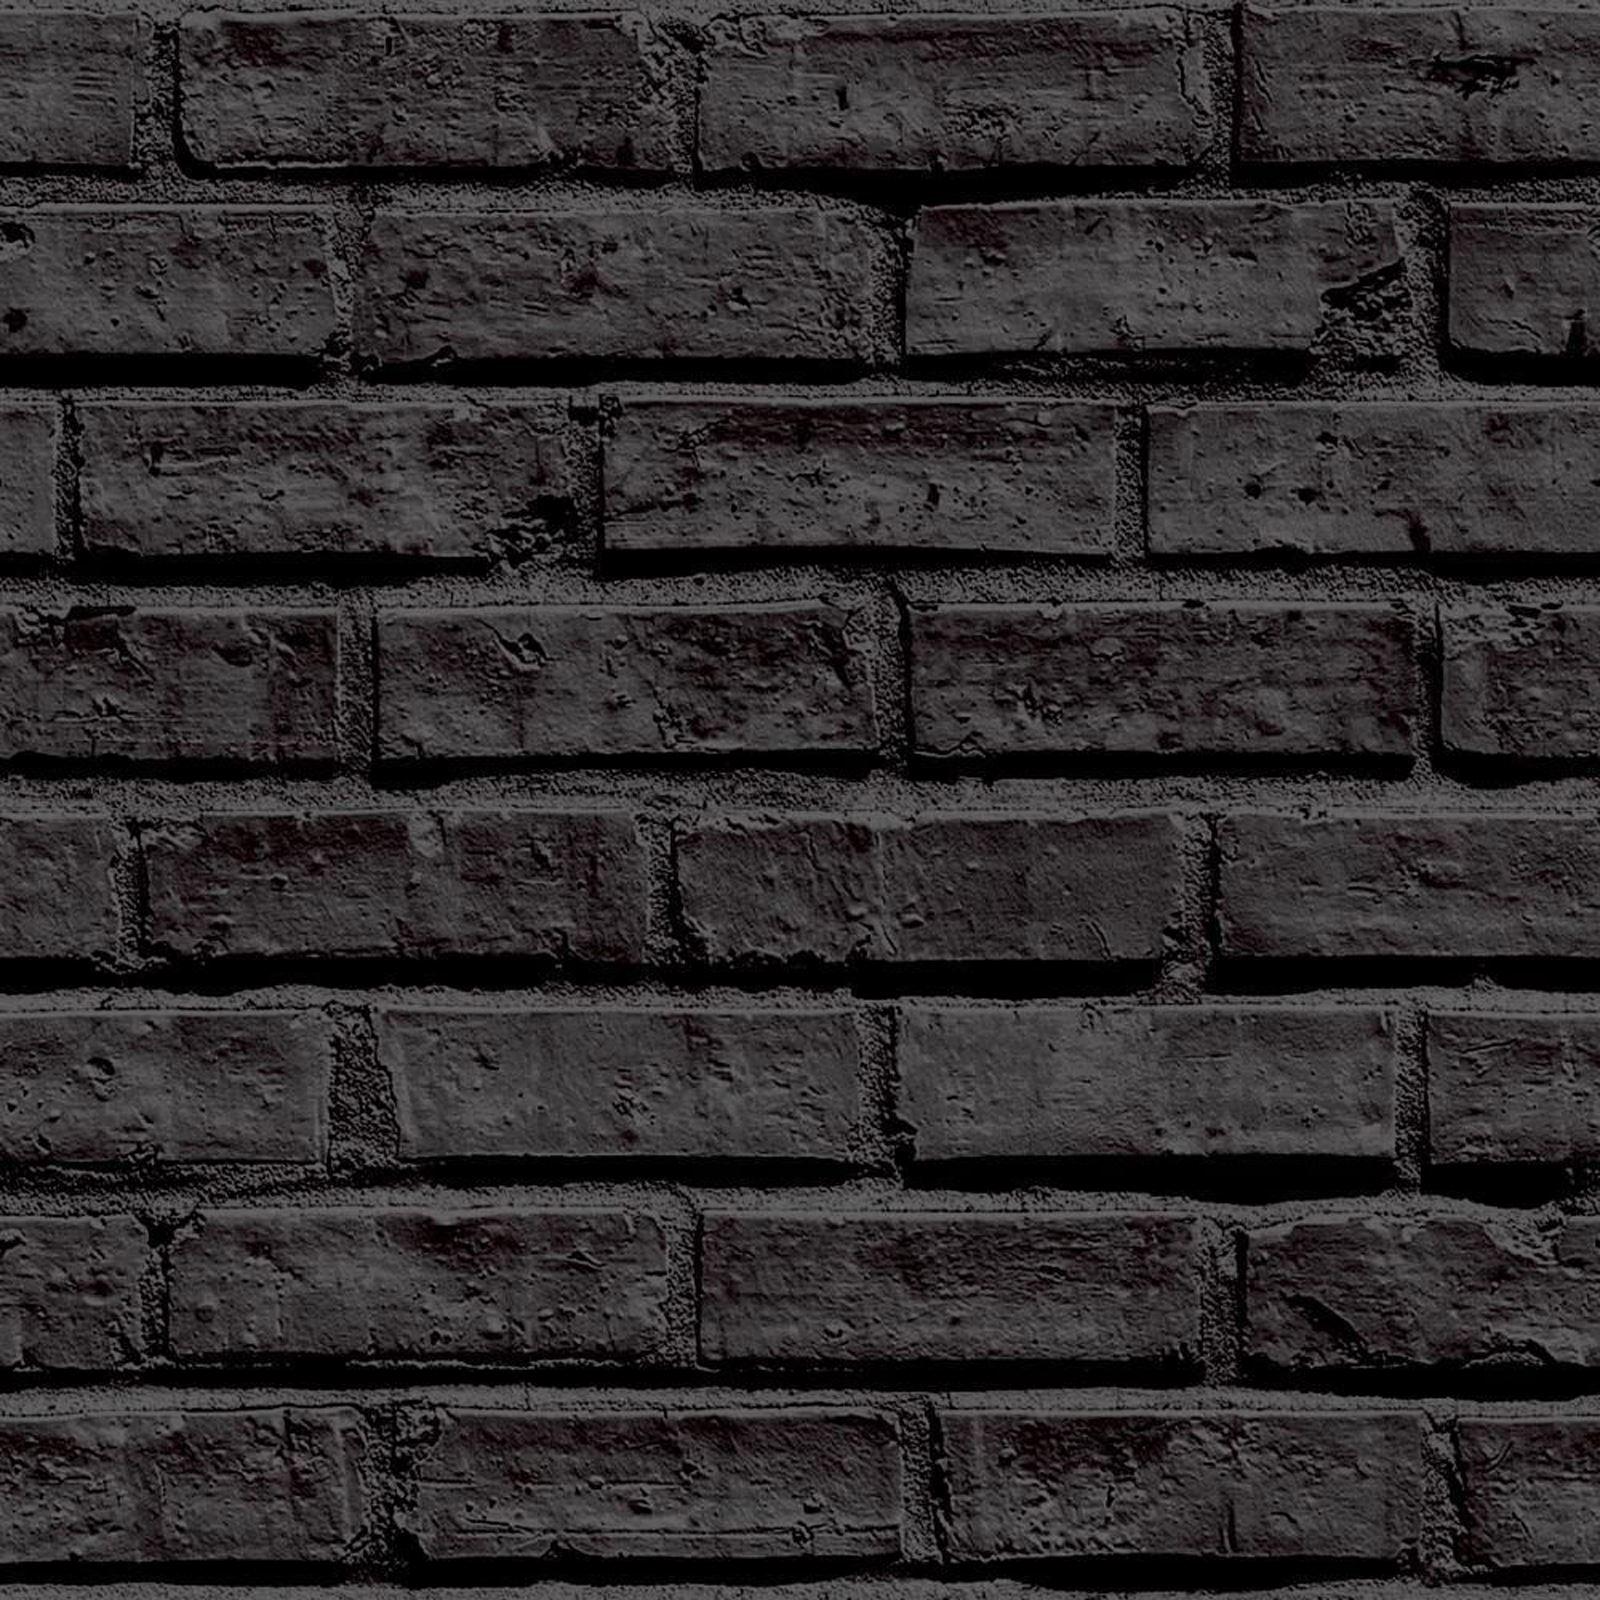 ziegel schiefer steineffekt tapete rustikale rot gewei ten grau schwarz mehr ebay. Black Bedroom Furniture Sets. Home Design Ideas